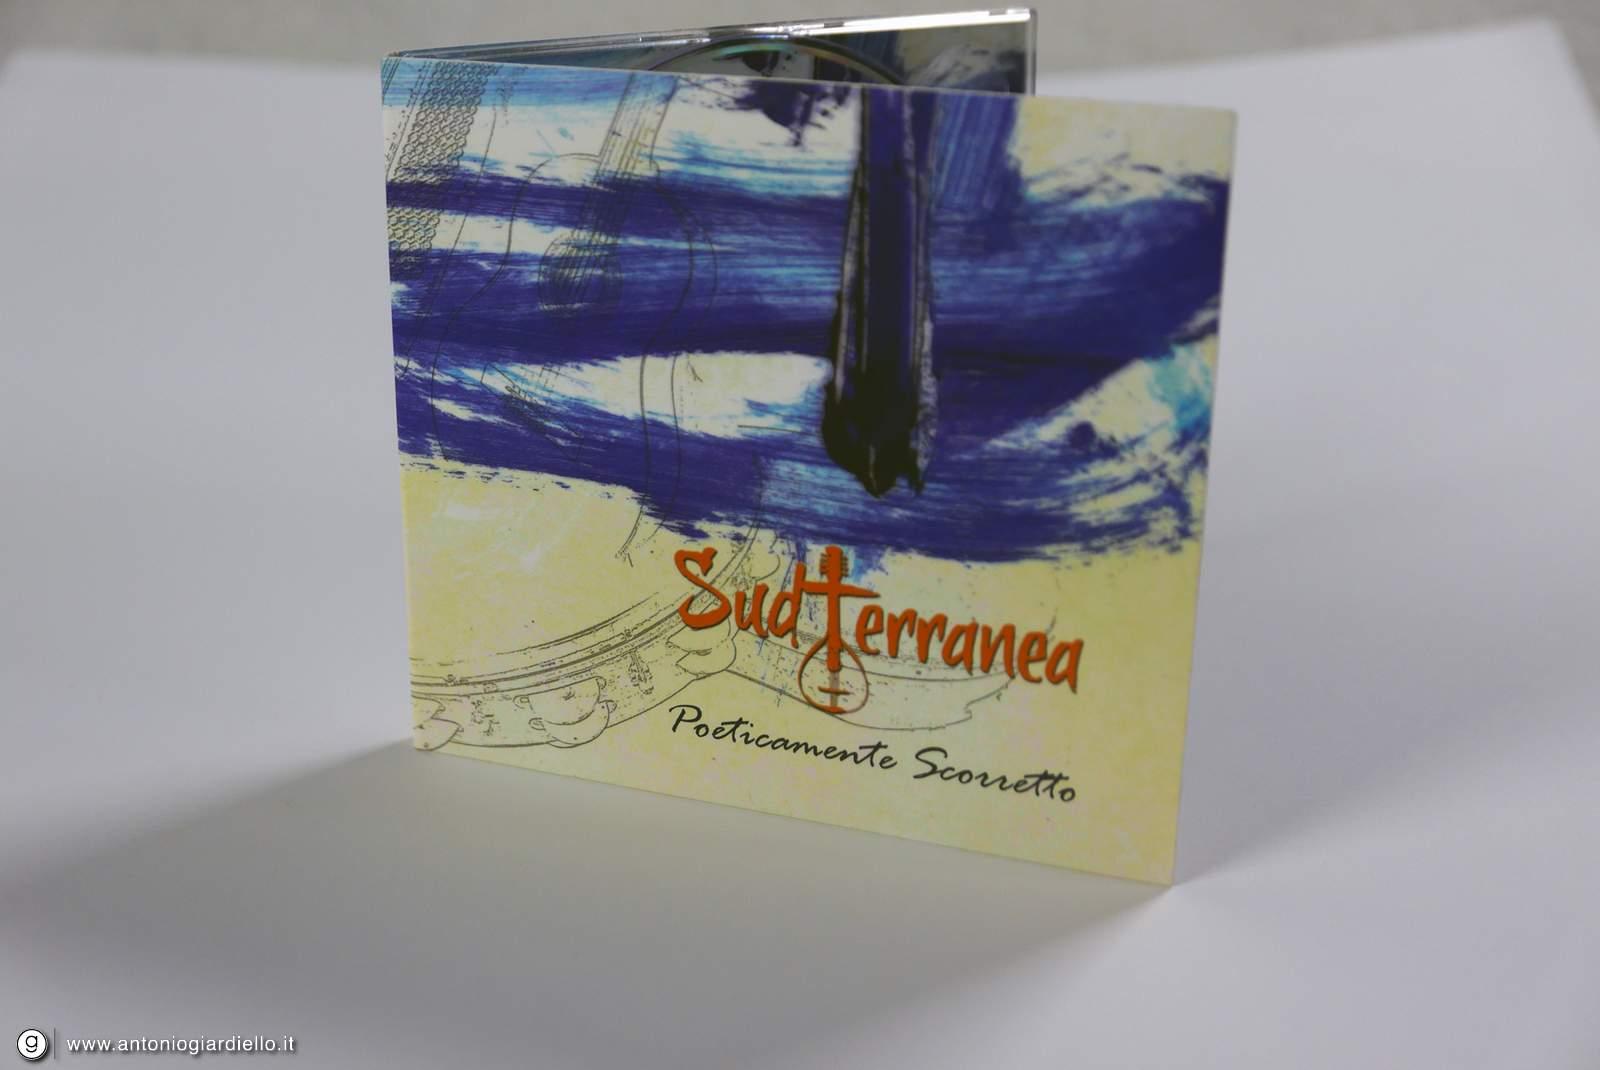 progettazione grafica album musicale poeticamente scorretto dei sudterranea1.jpg